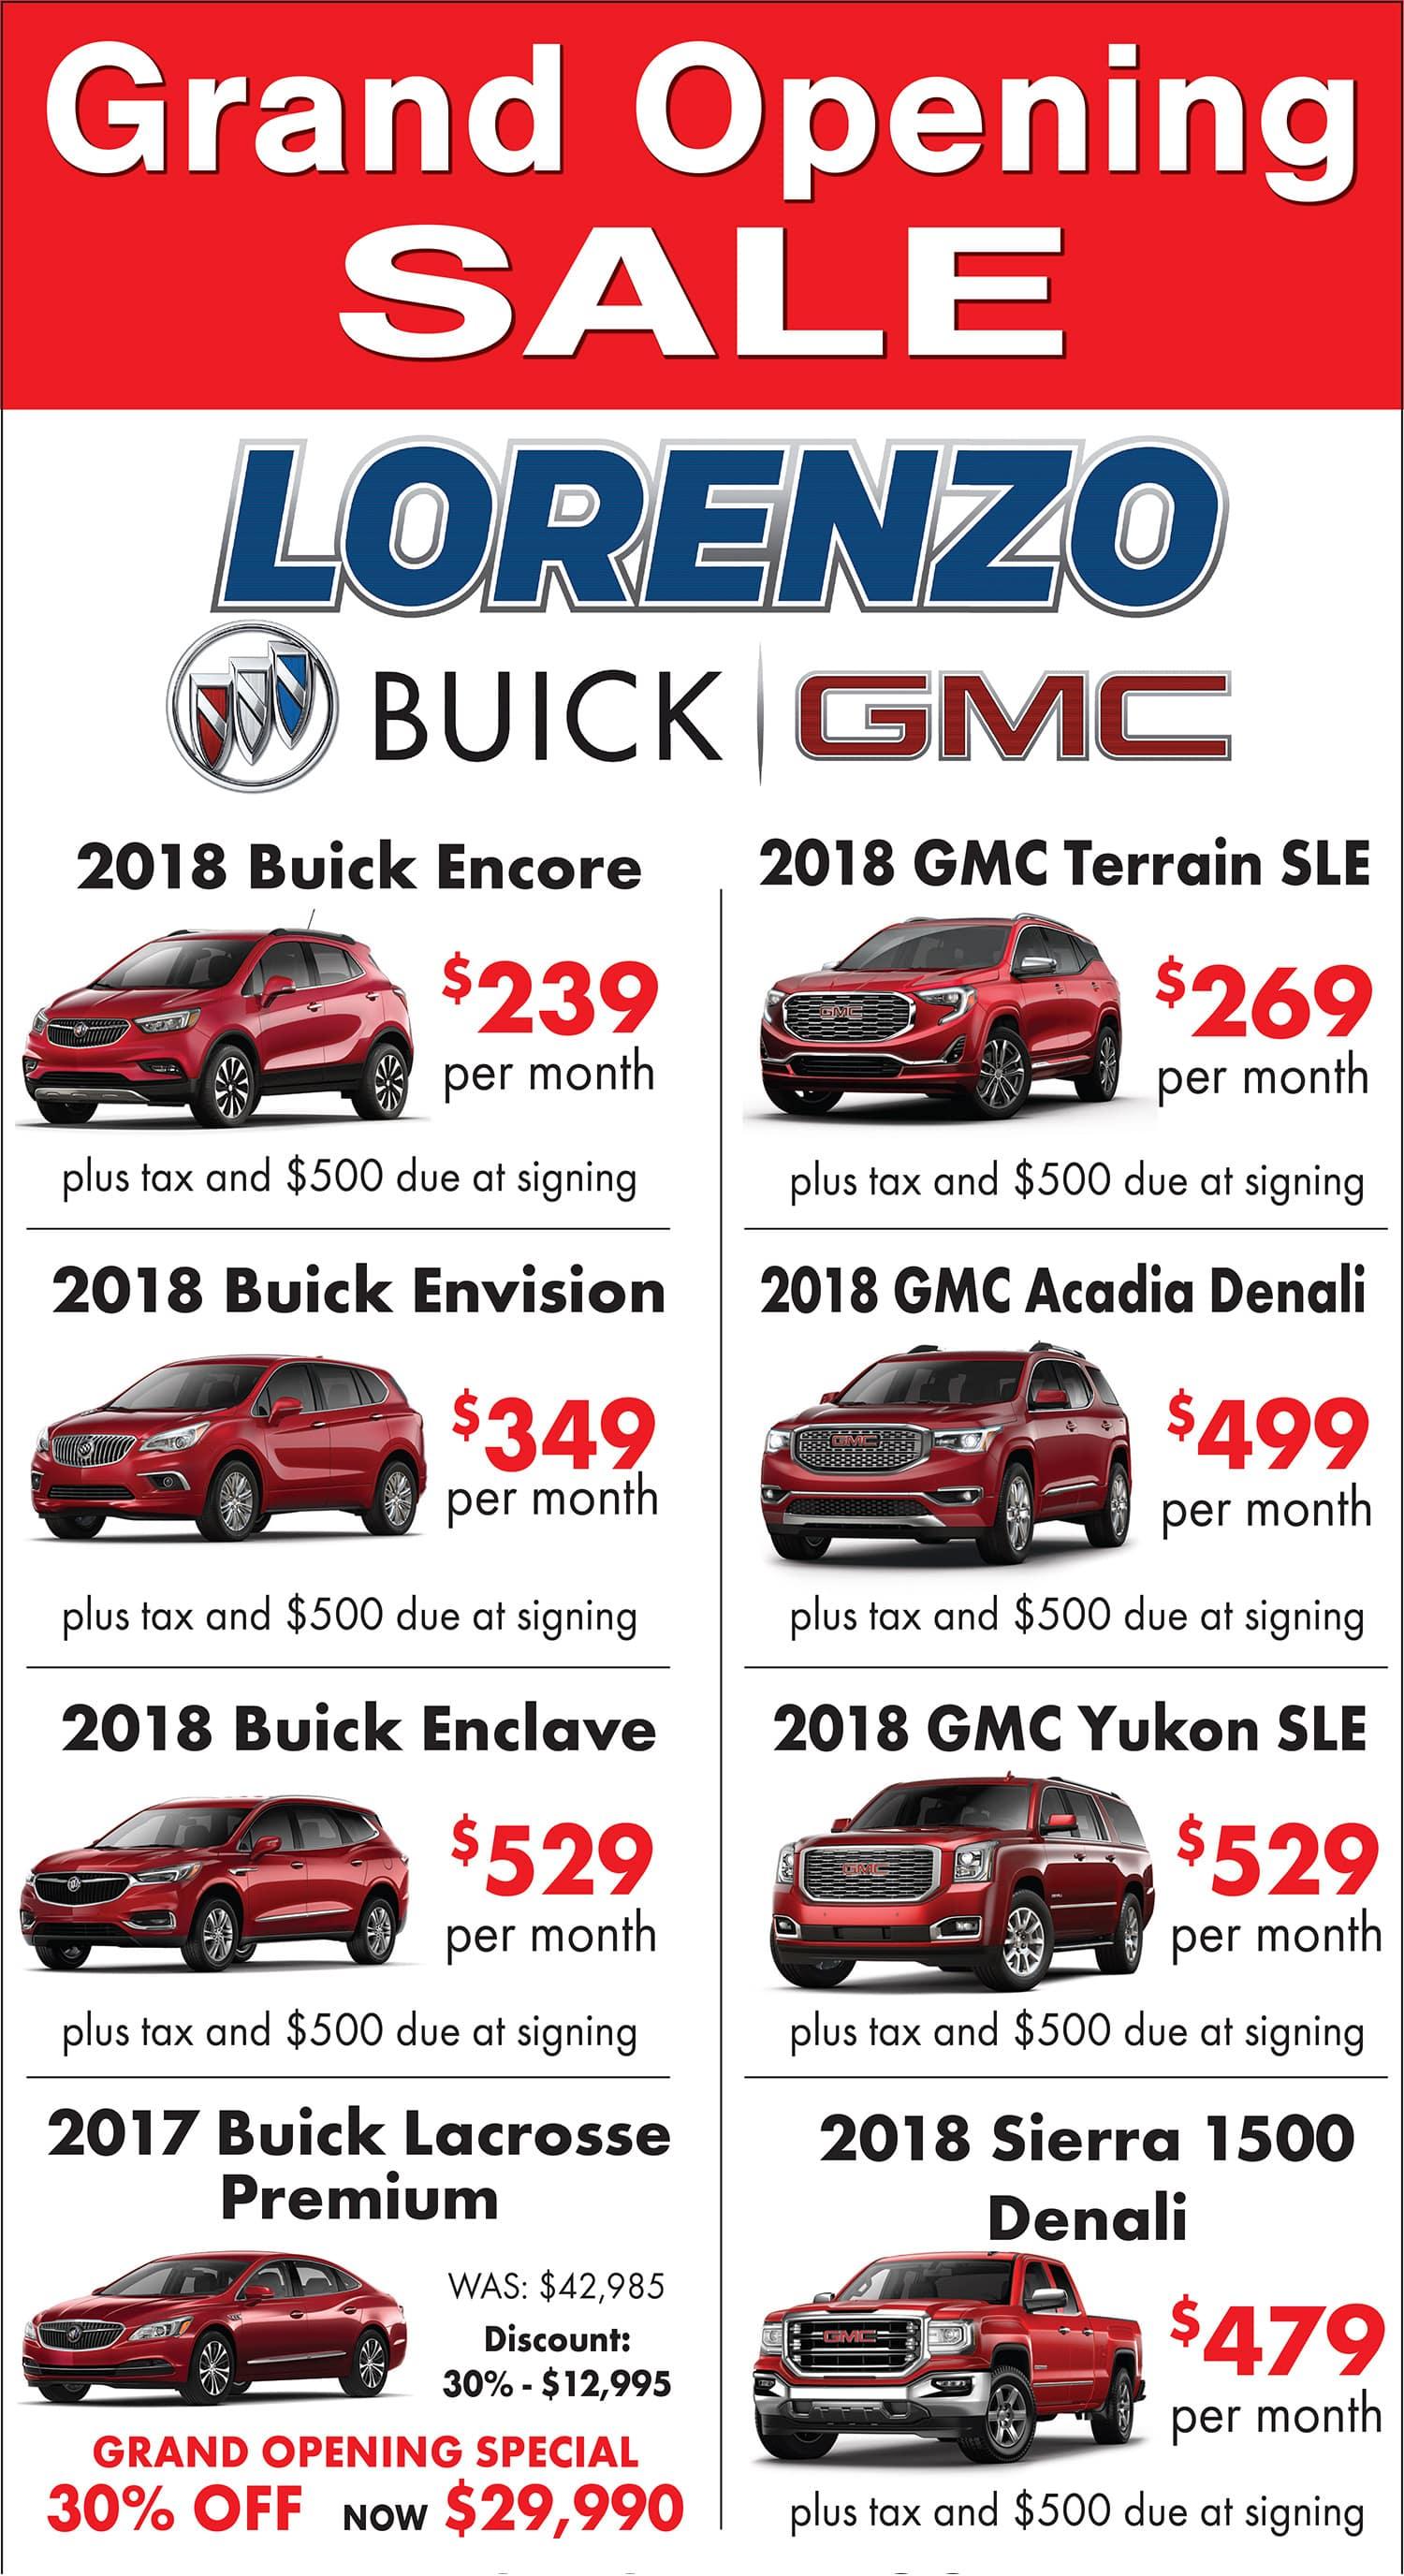 Lorenzo Buick GMC Specials Miami